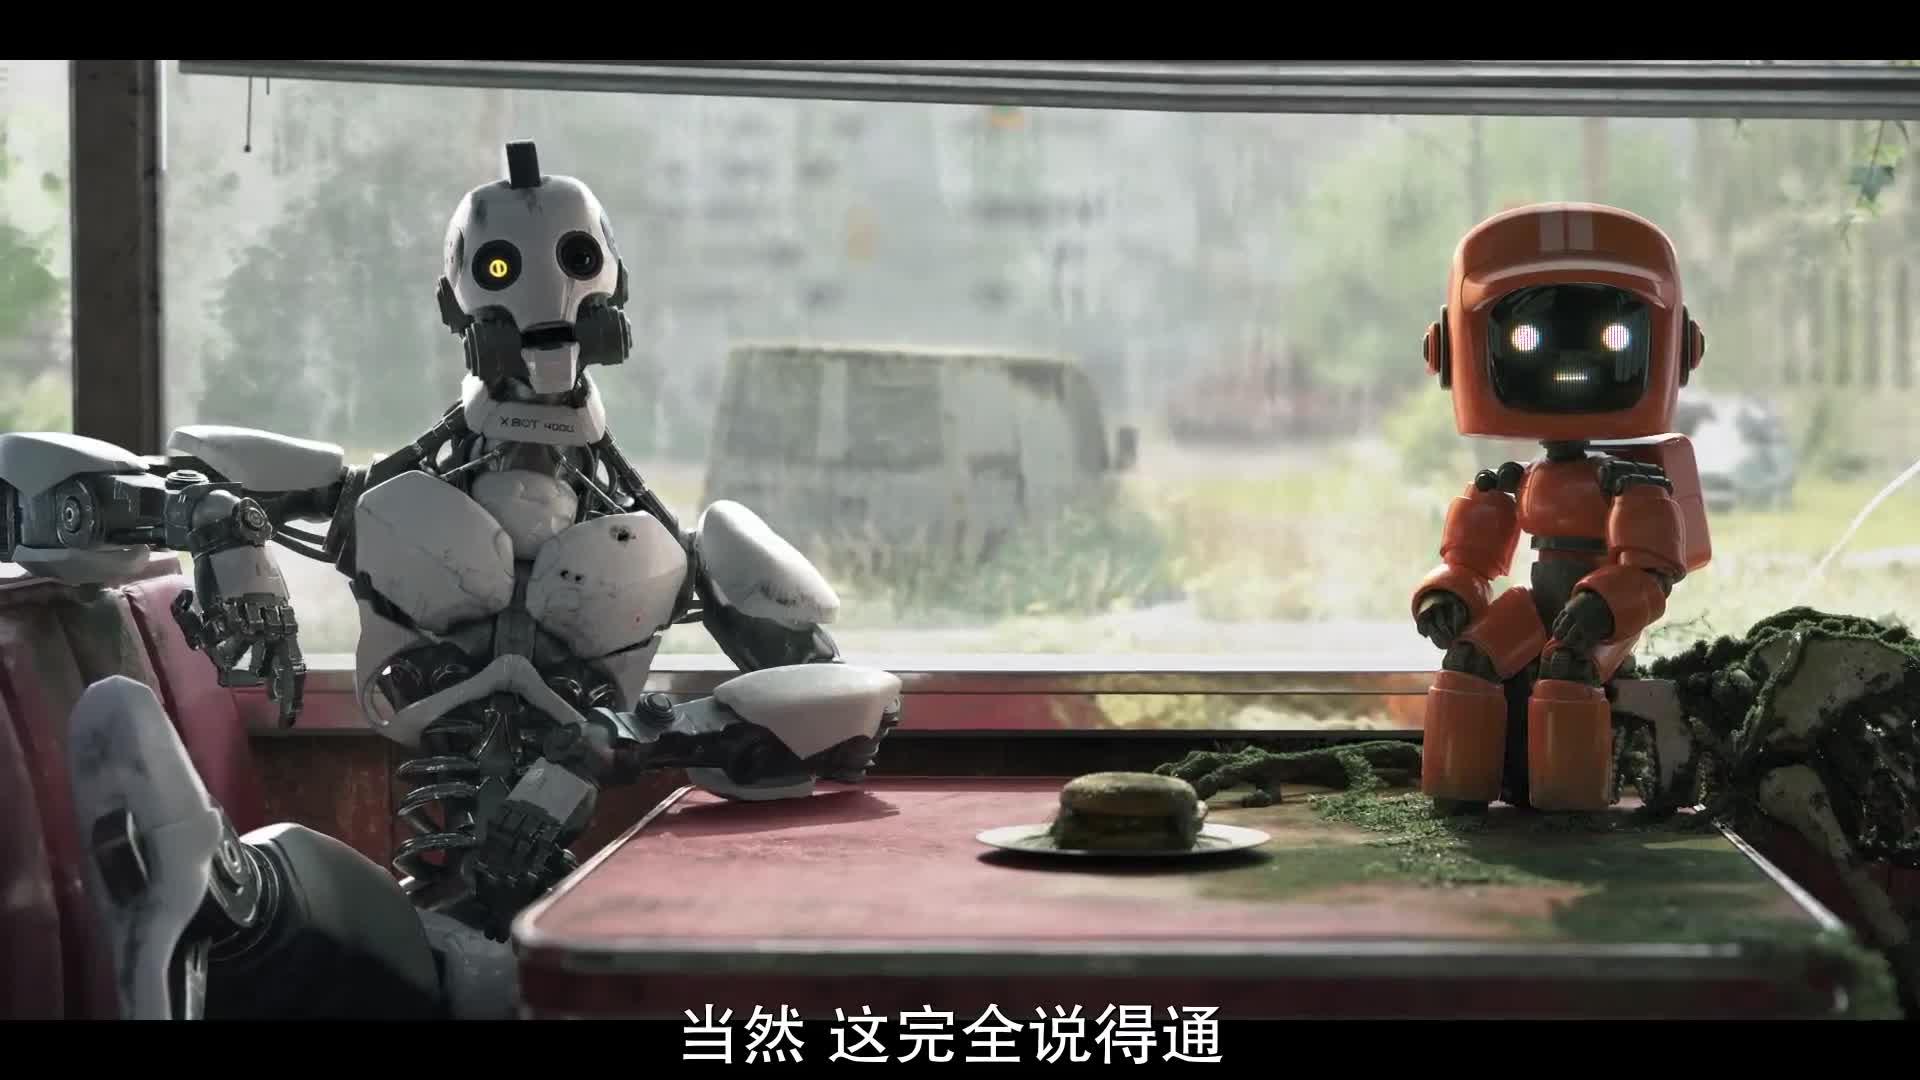 在他们机器人的视角里,一个种类想尽一切办法,来残杀同类